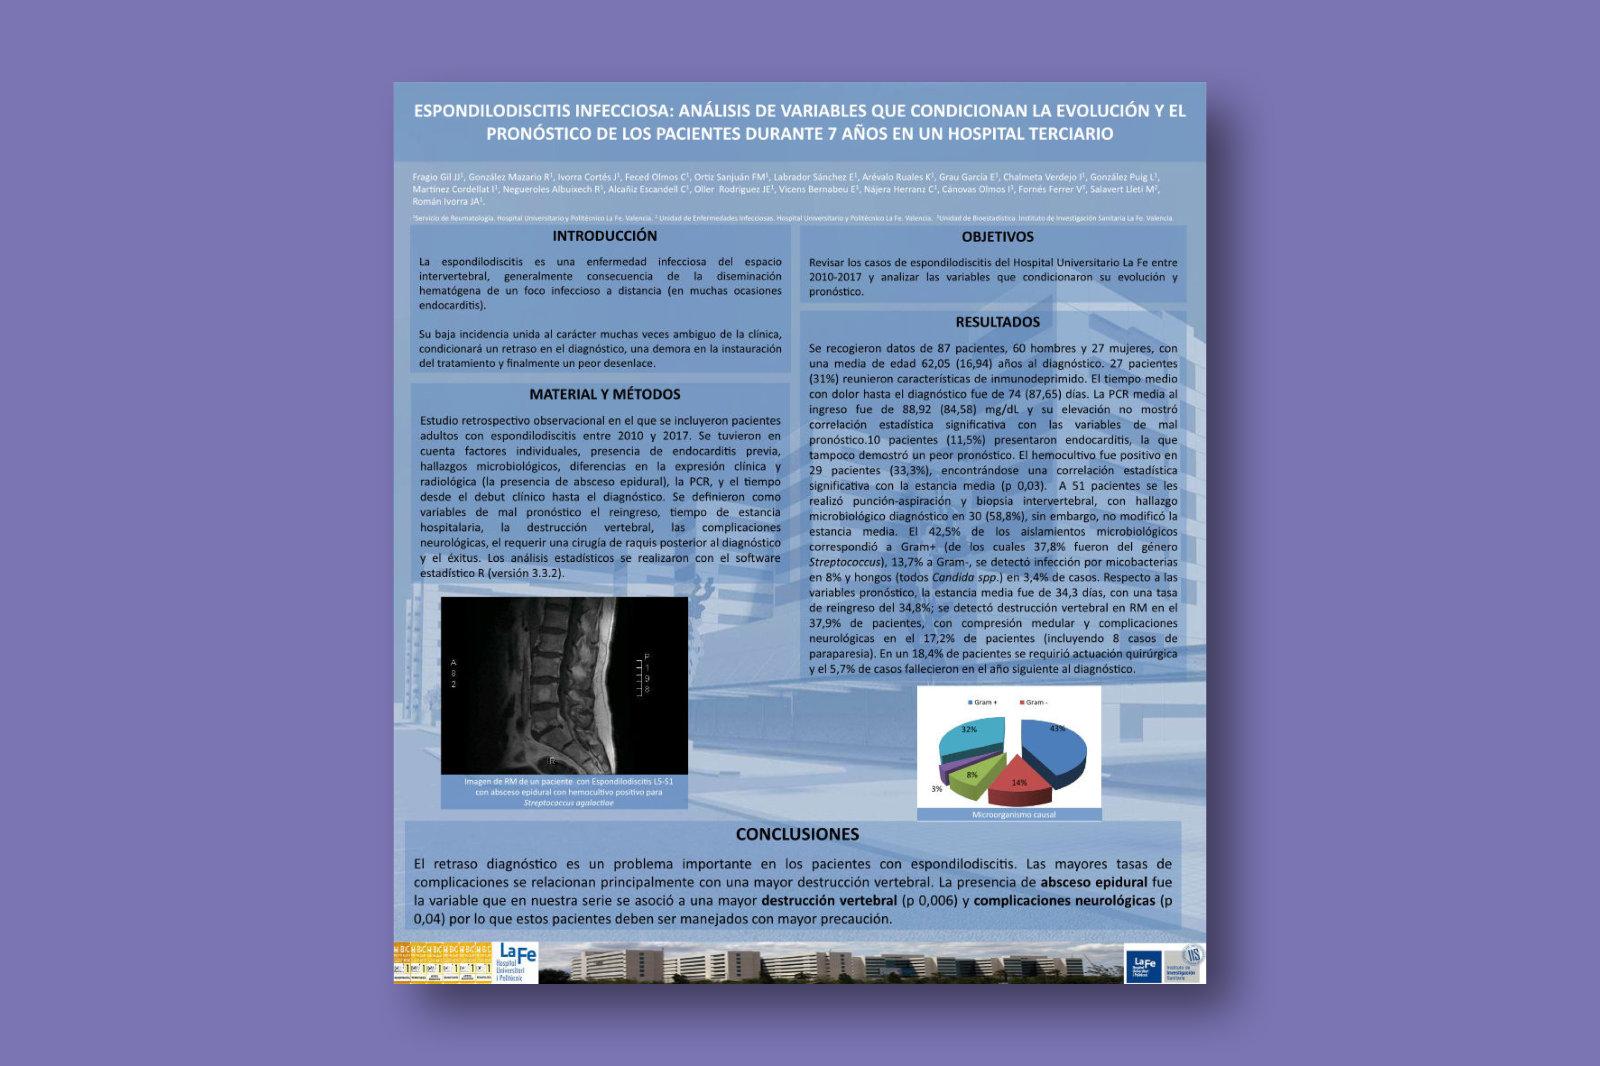 Espondilodiscitis infecciosa: análisis de variables que condicionan la evolución y el pronóstico de los pacientes durante 7 años en un hospital terciario